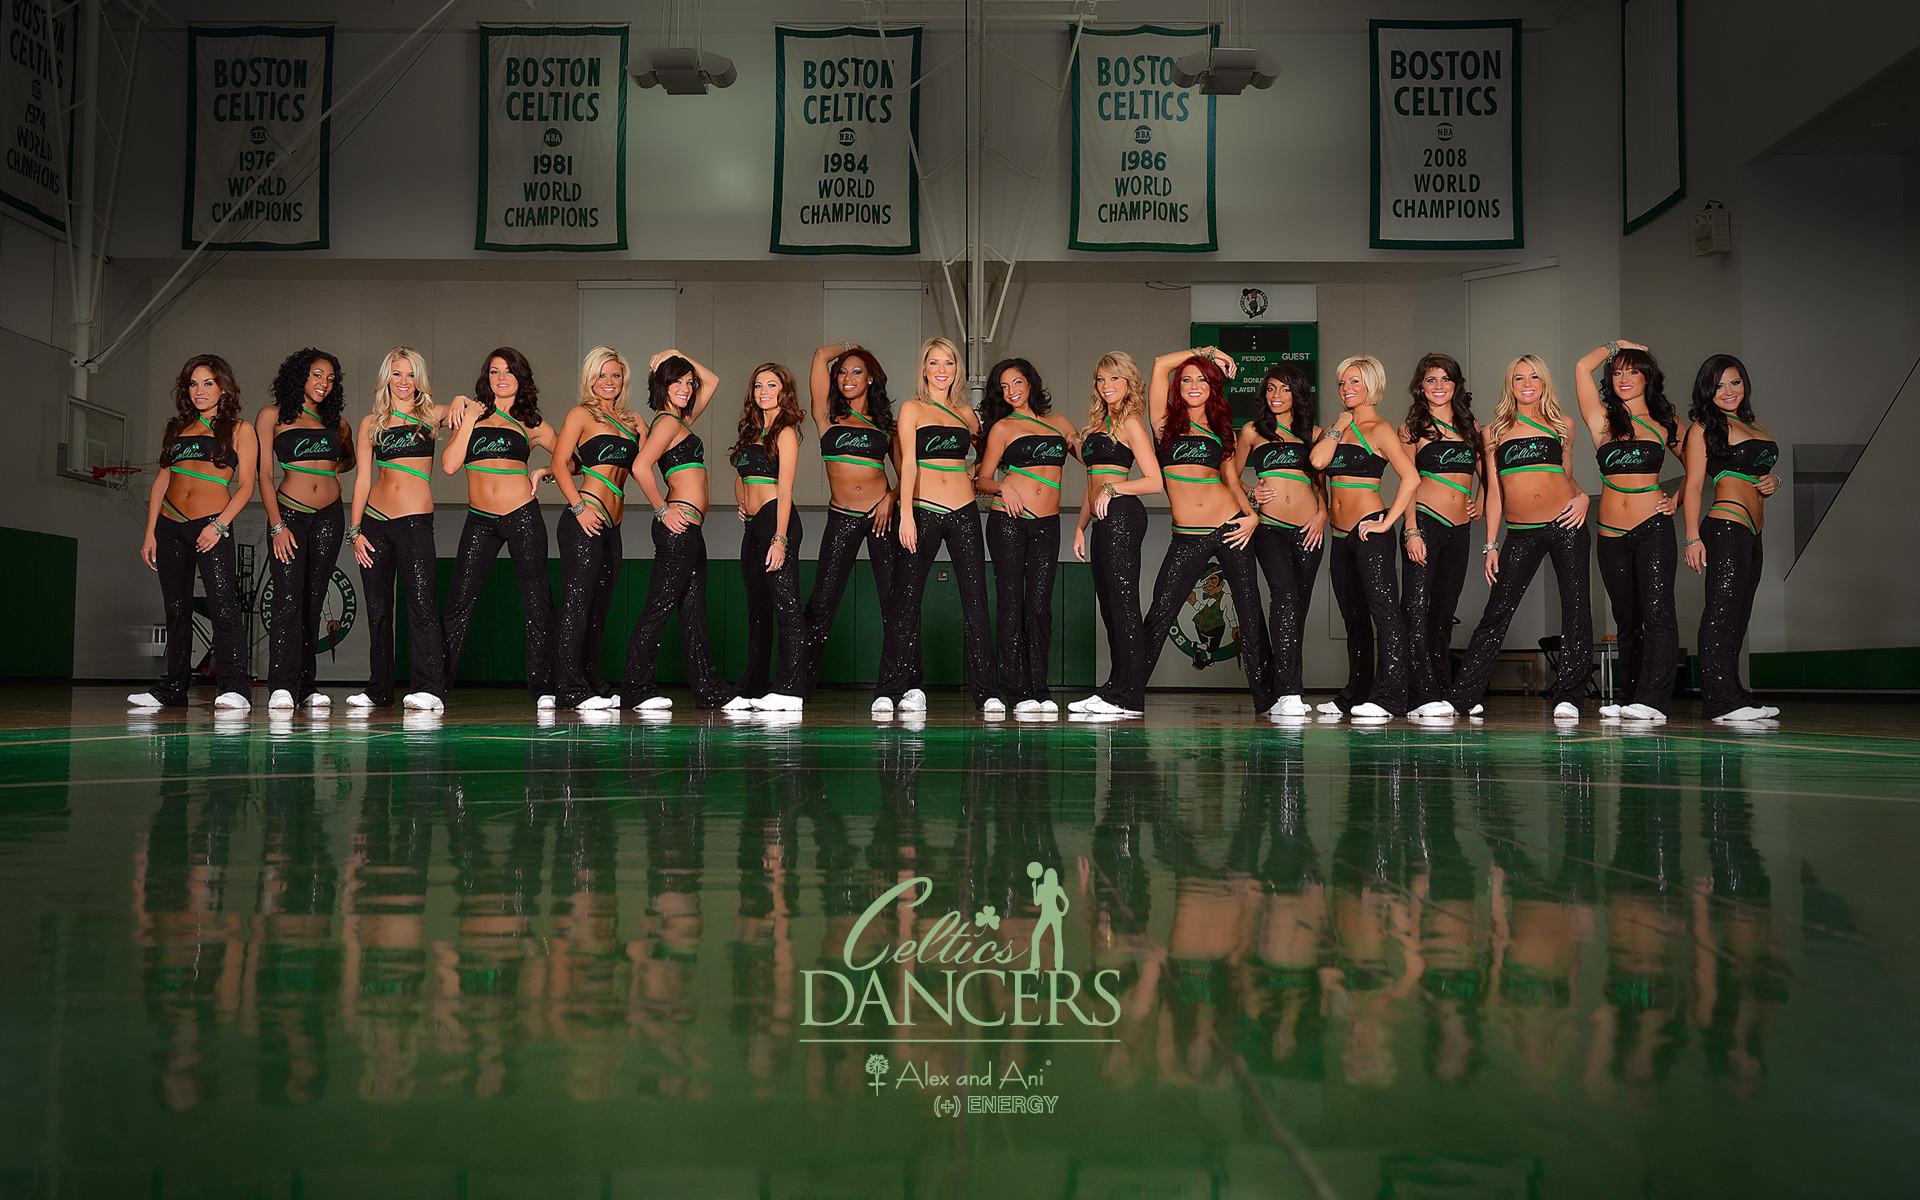 Celtics Dancers Wallpaper